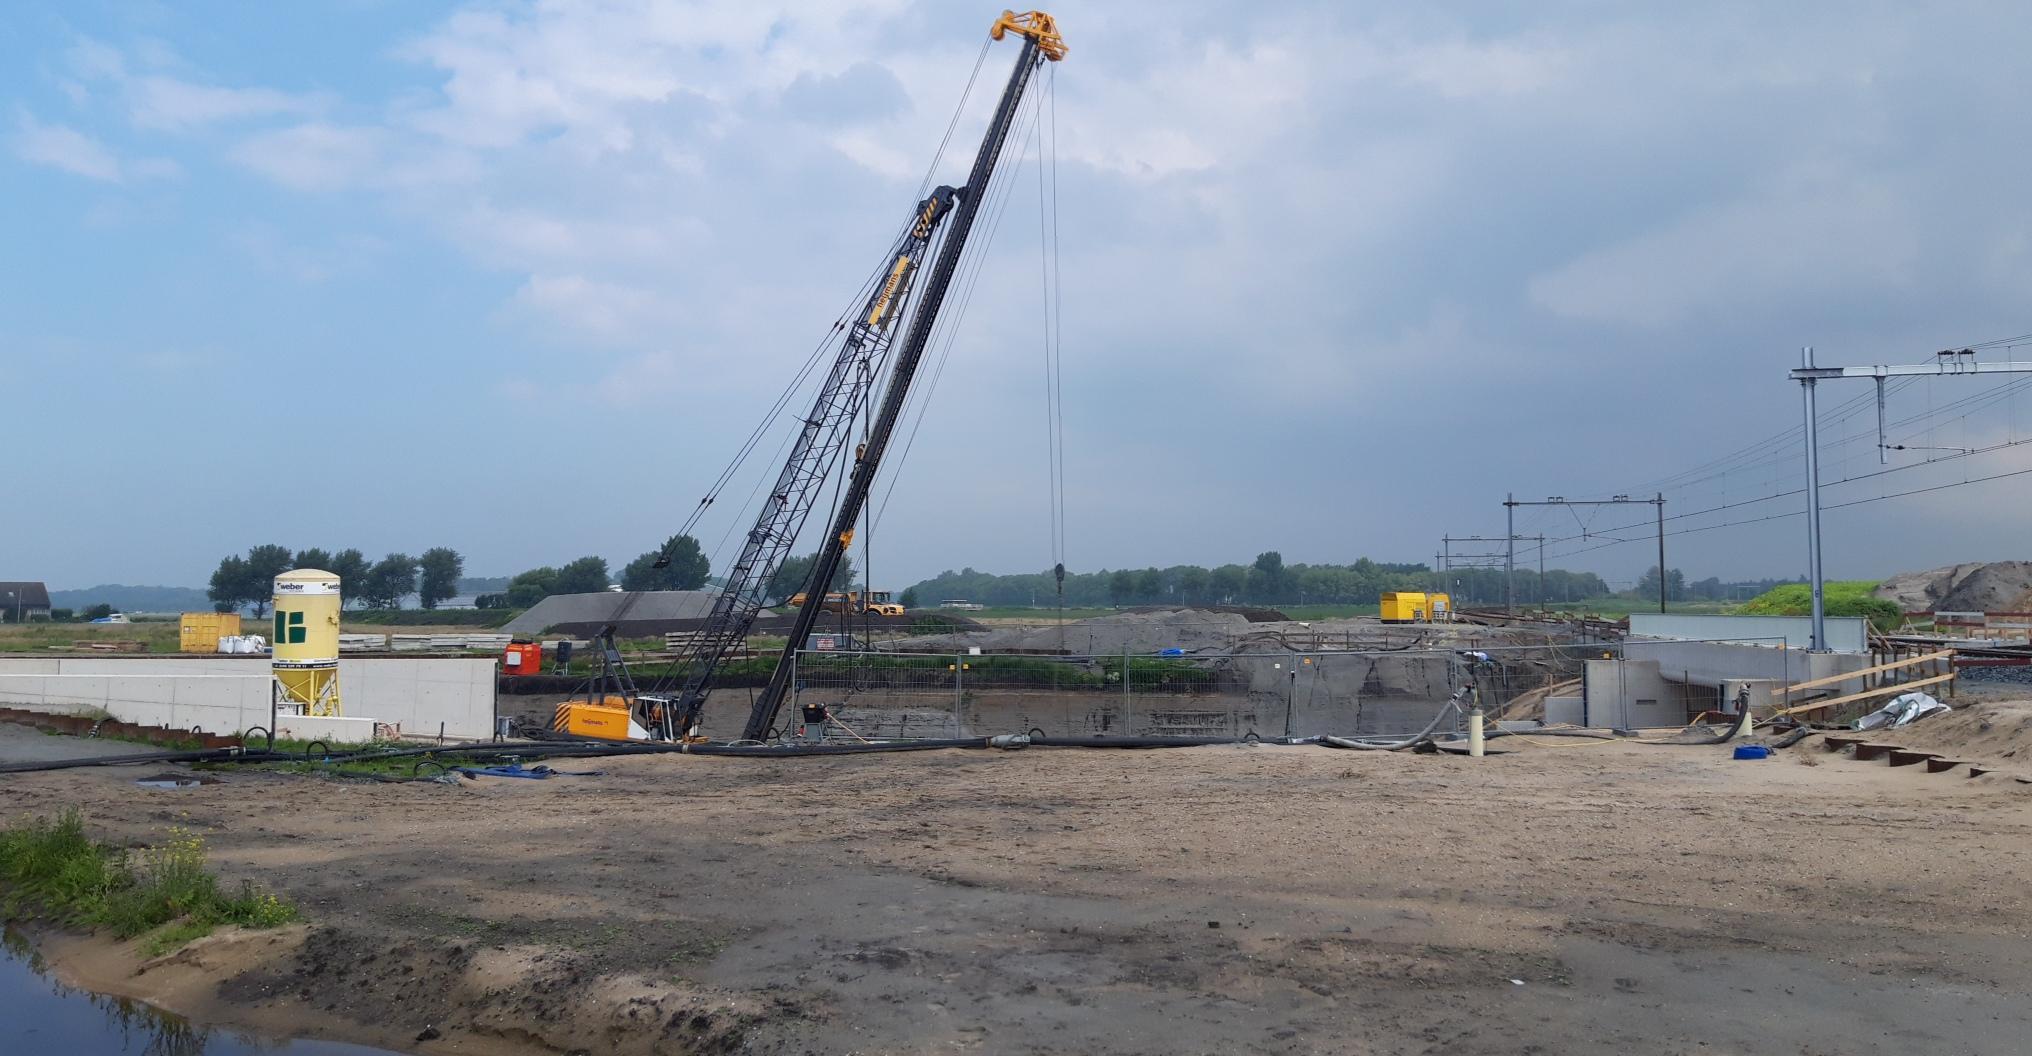 'Bouw nieuw station voor Voorhout langs Noordelijke Randweg'